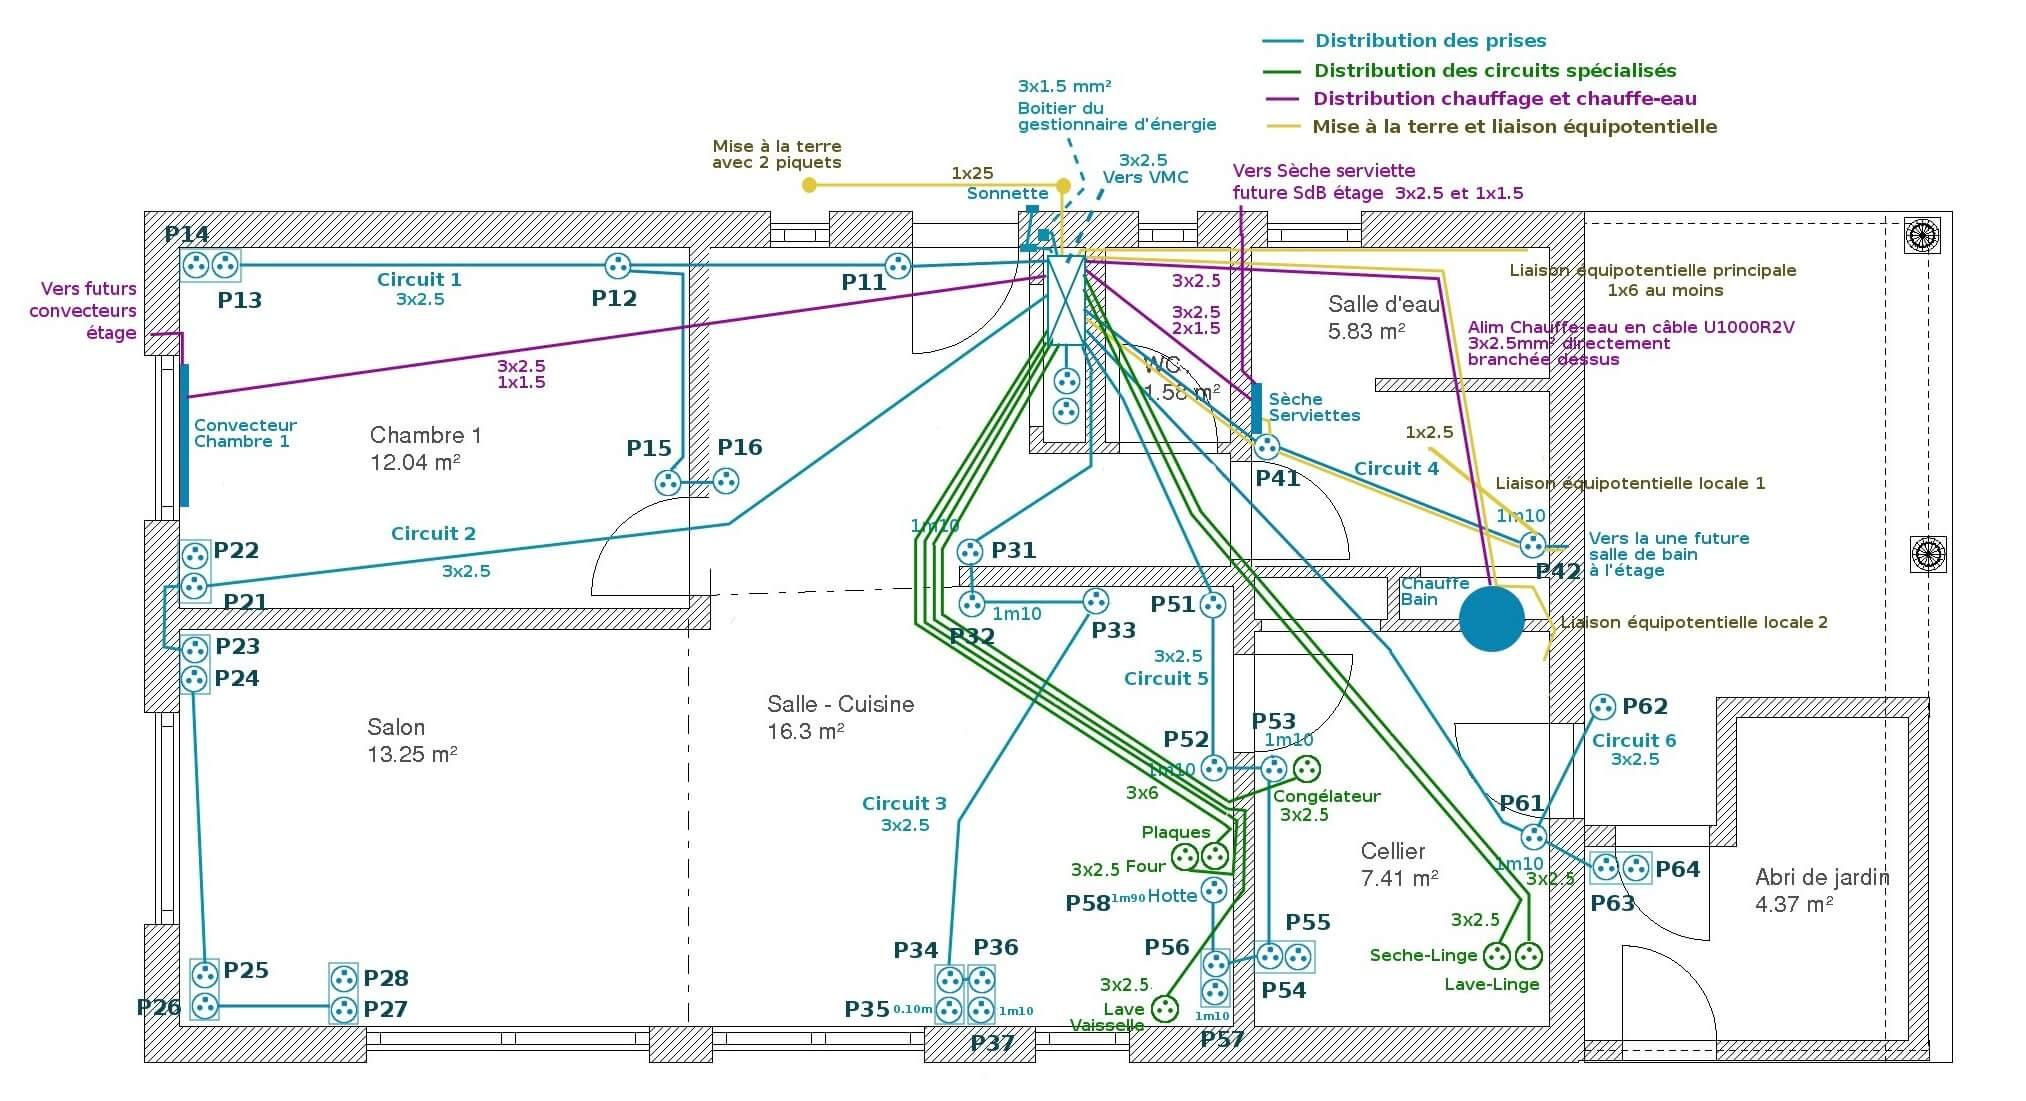 Plan électricité maison distribution alimentation prises